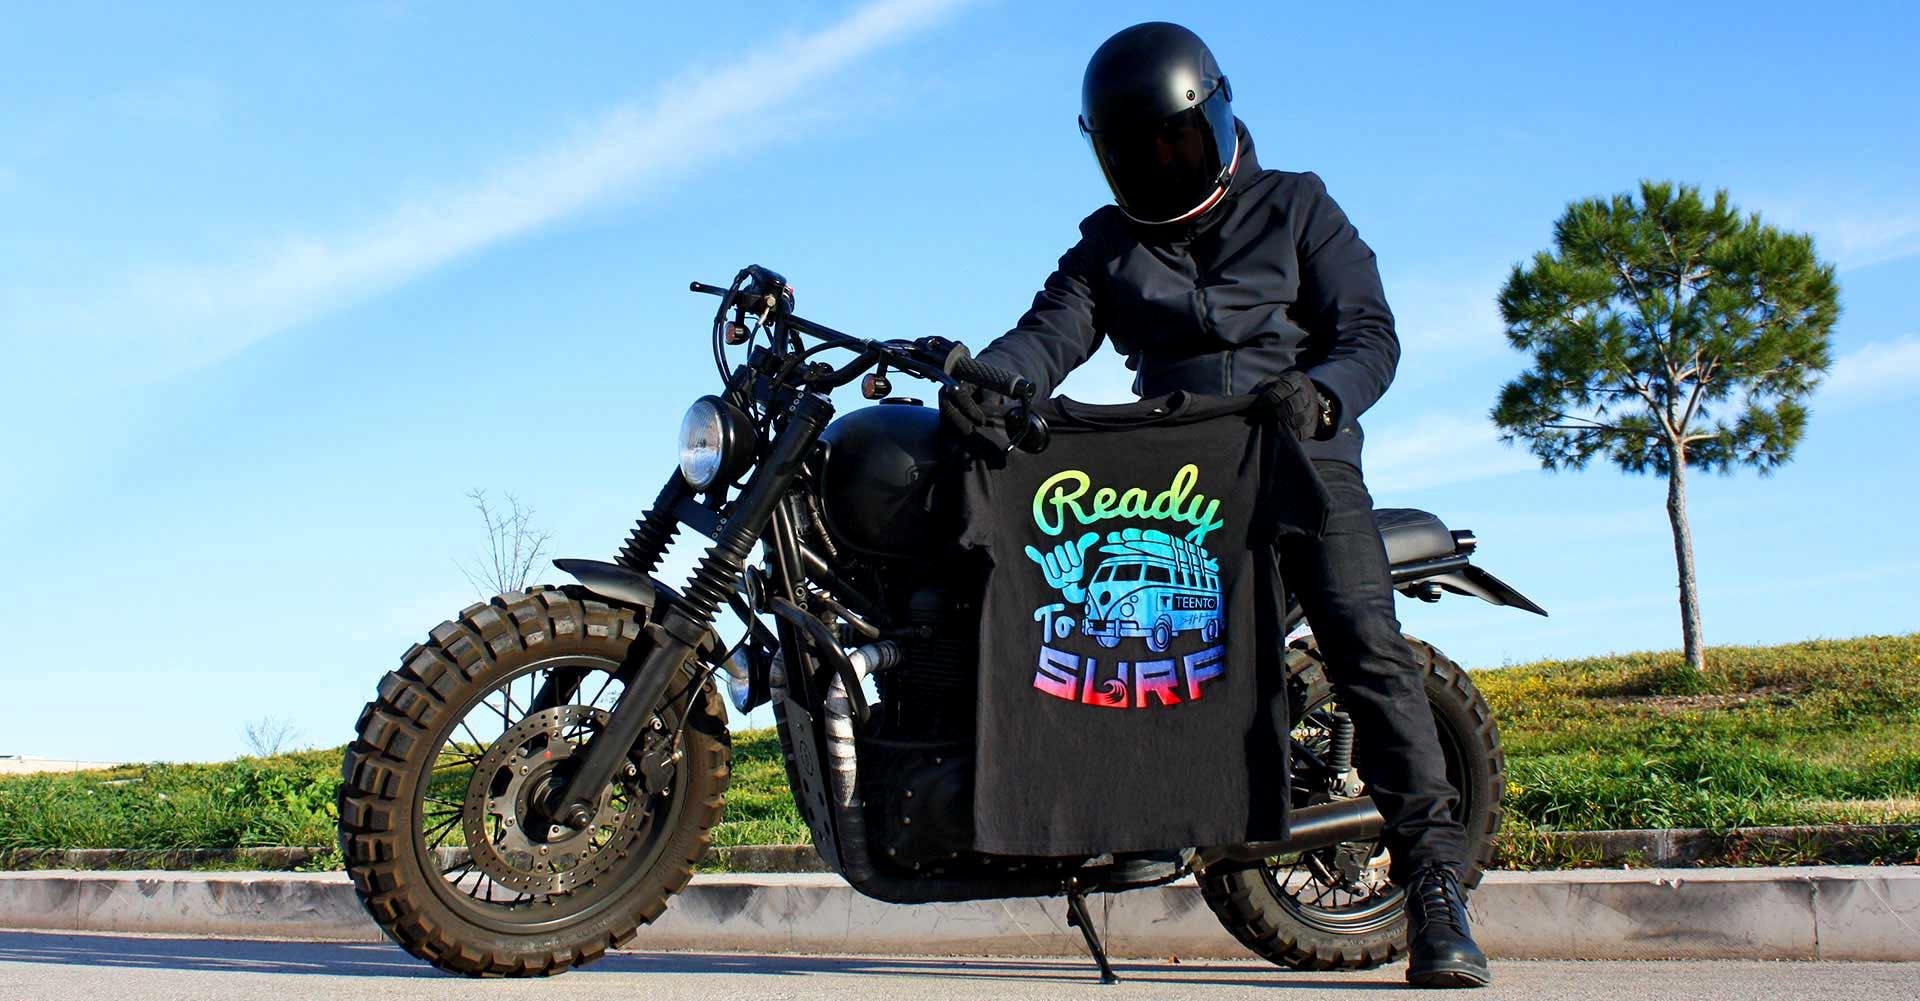 TEENTO Online Shop | T-shirt 100% Cotone Organico - homepage slide 4 TEENTO è il tuo nuovo negozio online! | Scopri le nostre magliette da uomo, donna e bambino | Indossa le t-shirt che più ti appassionano! Wear The Passion!